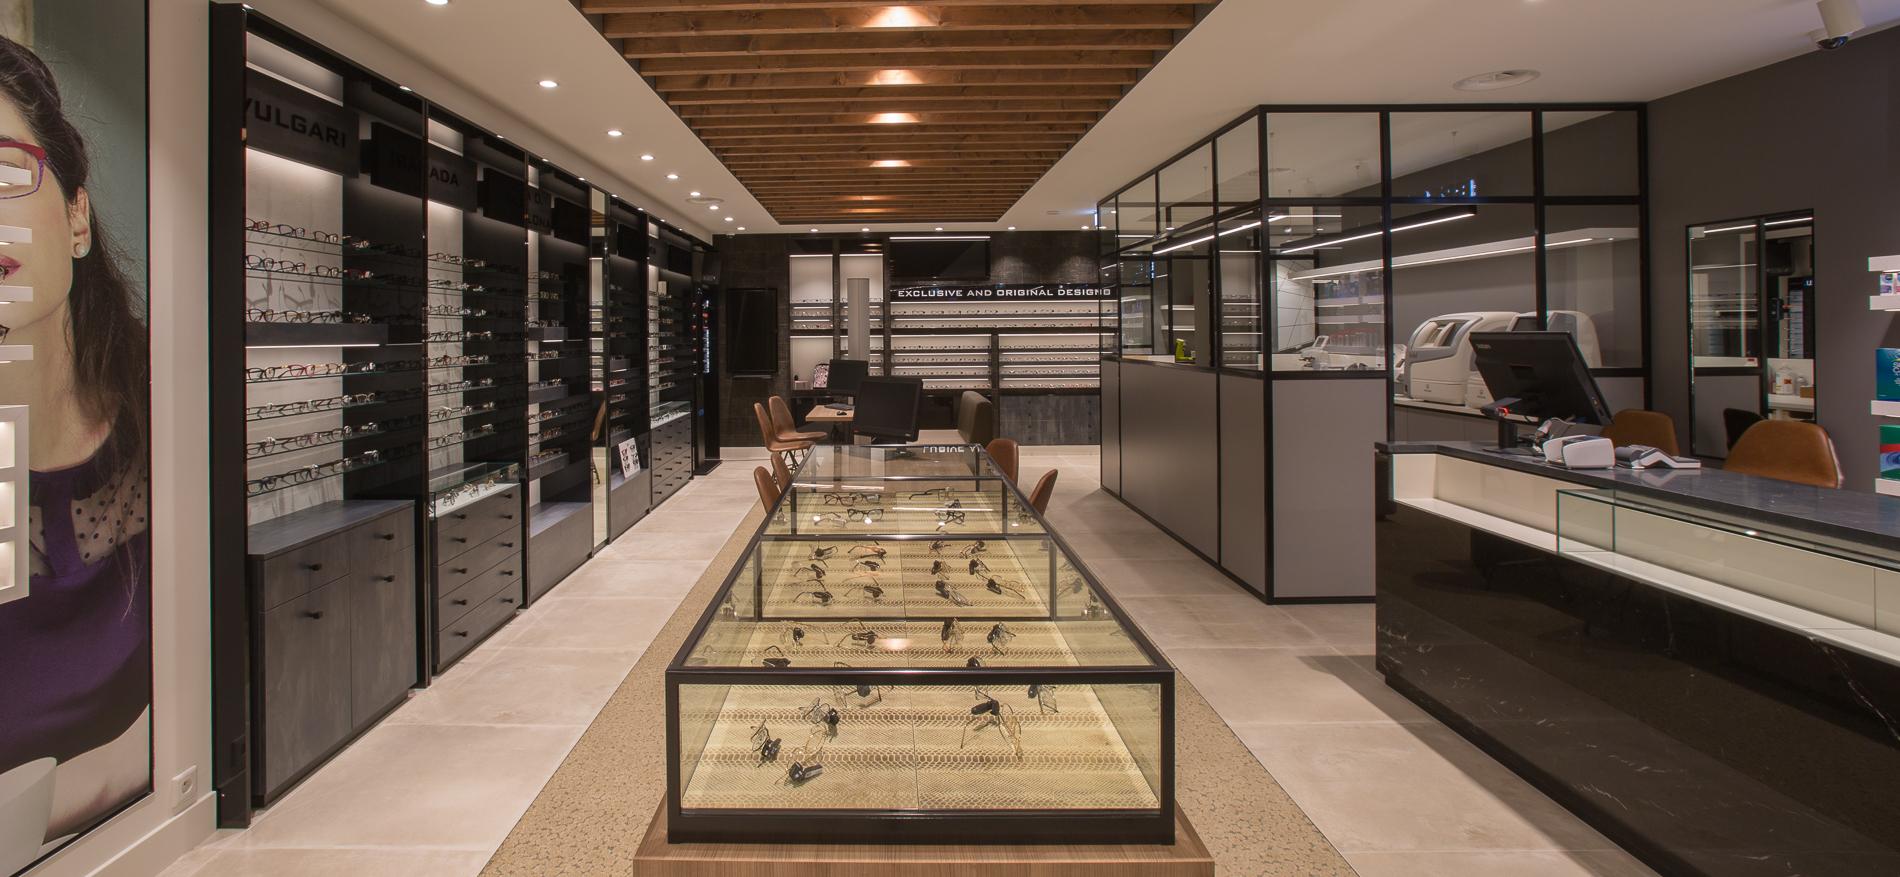 Reyntjens Optics | Complete Shop Design